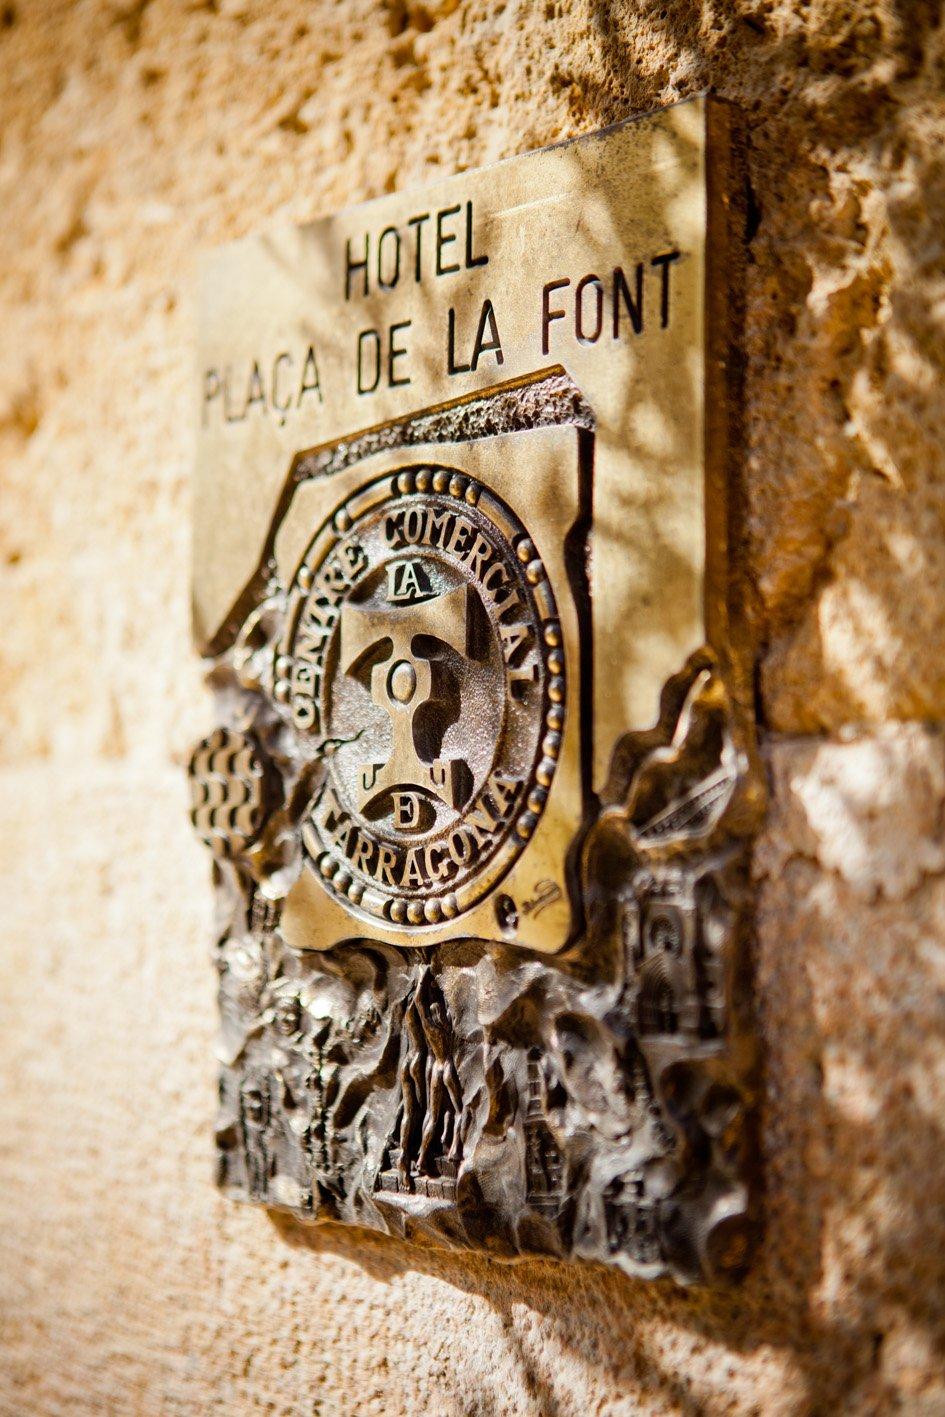 hotel_la_fontnombre_del_documento_13-c06052b480d392bdcc8af38c09408578